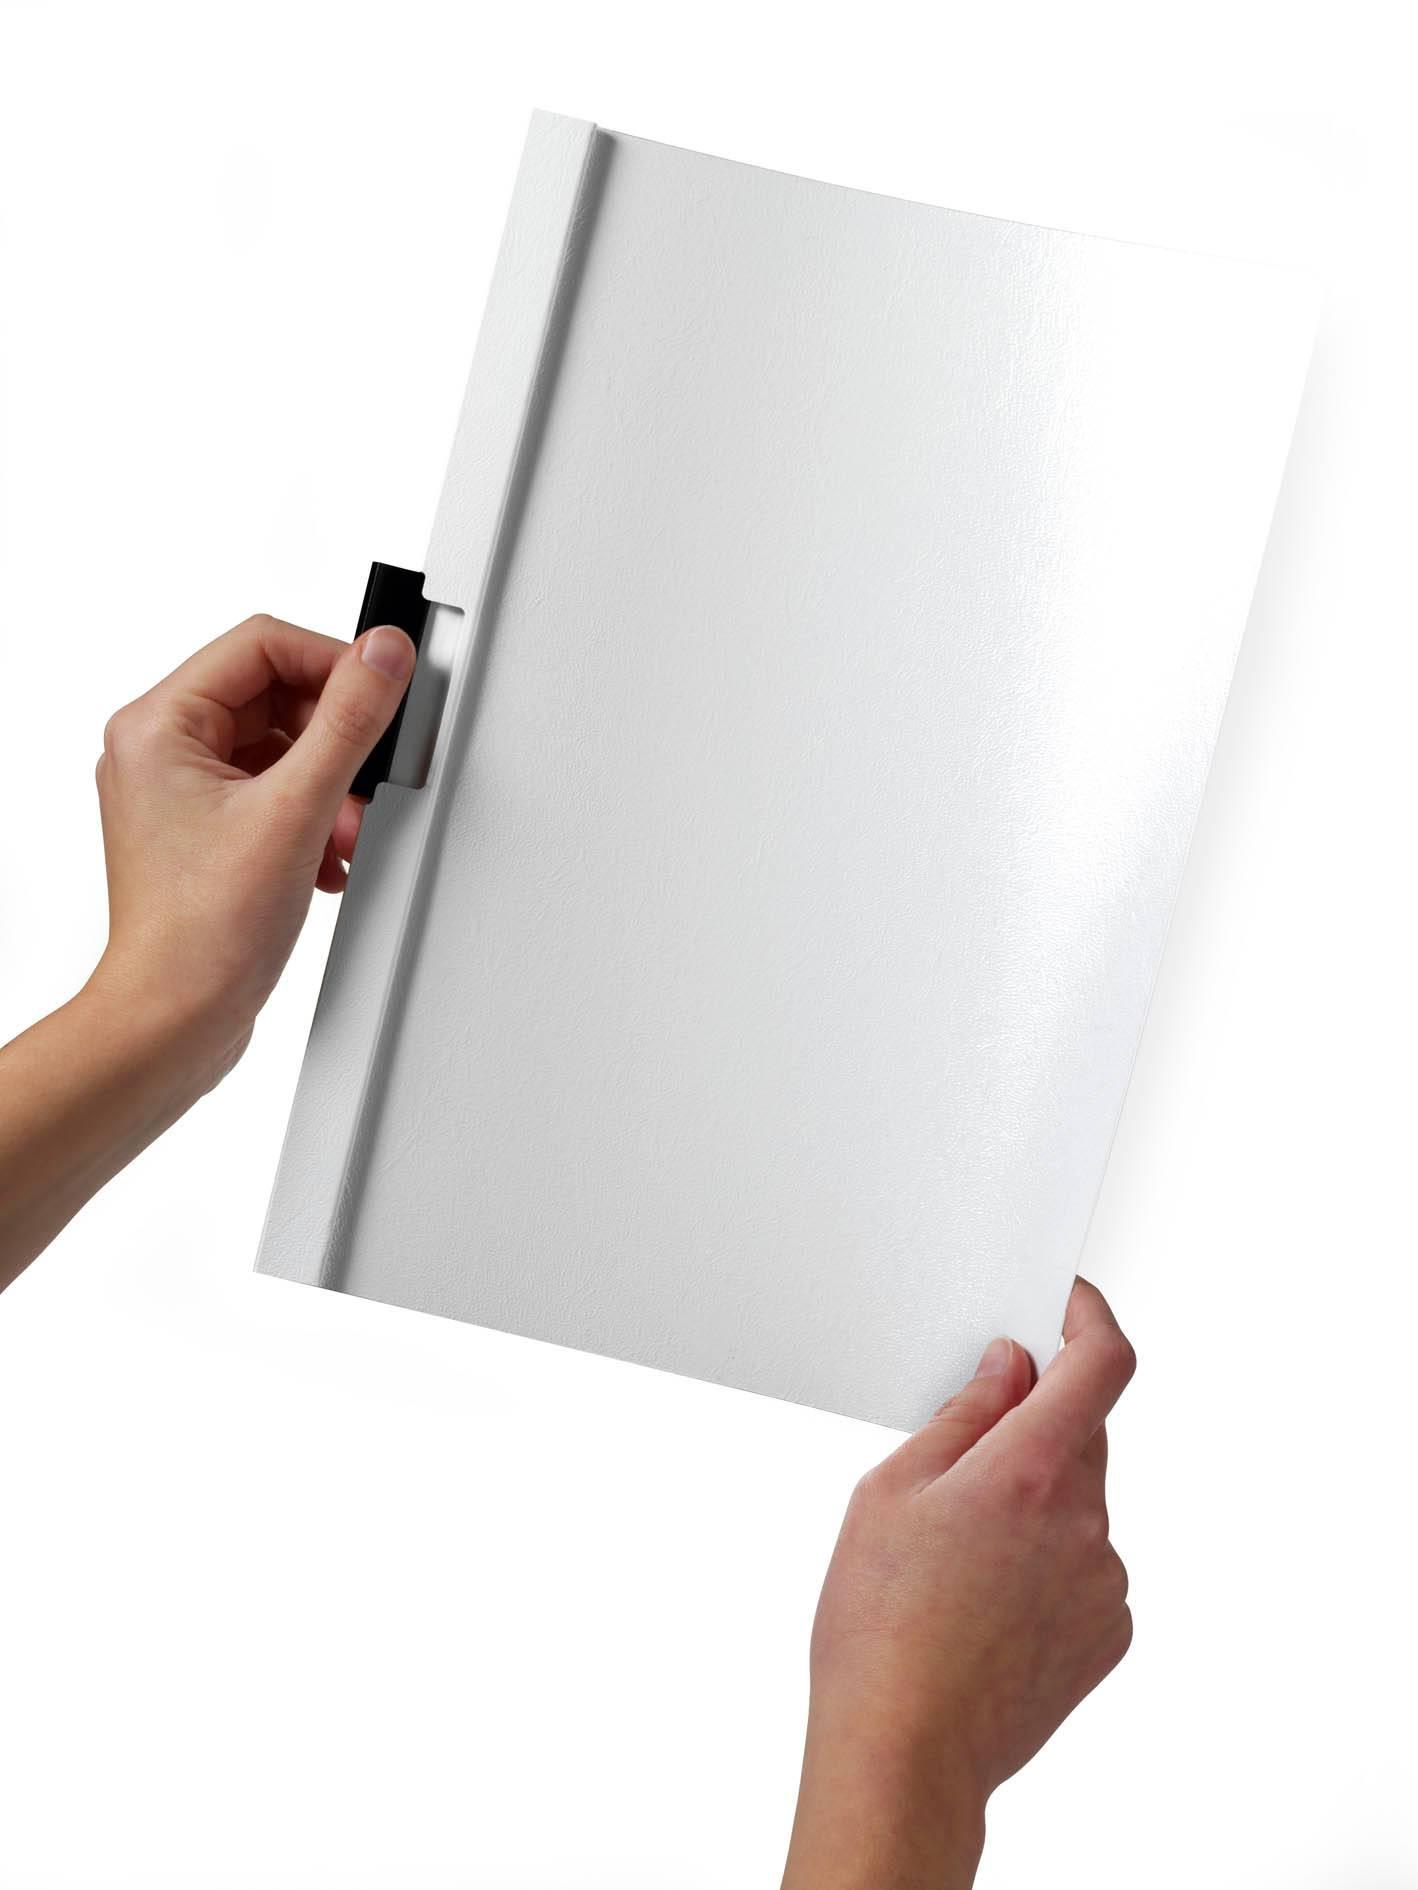 Папка-клип Durable Duraclip 30 с верхним прозрачным листом 1-30 листов белая - фото 1